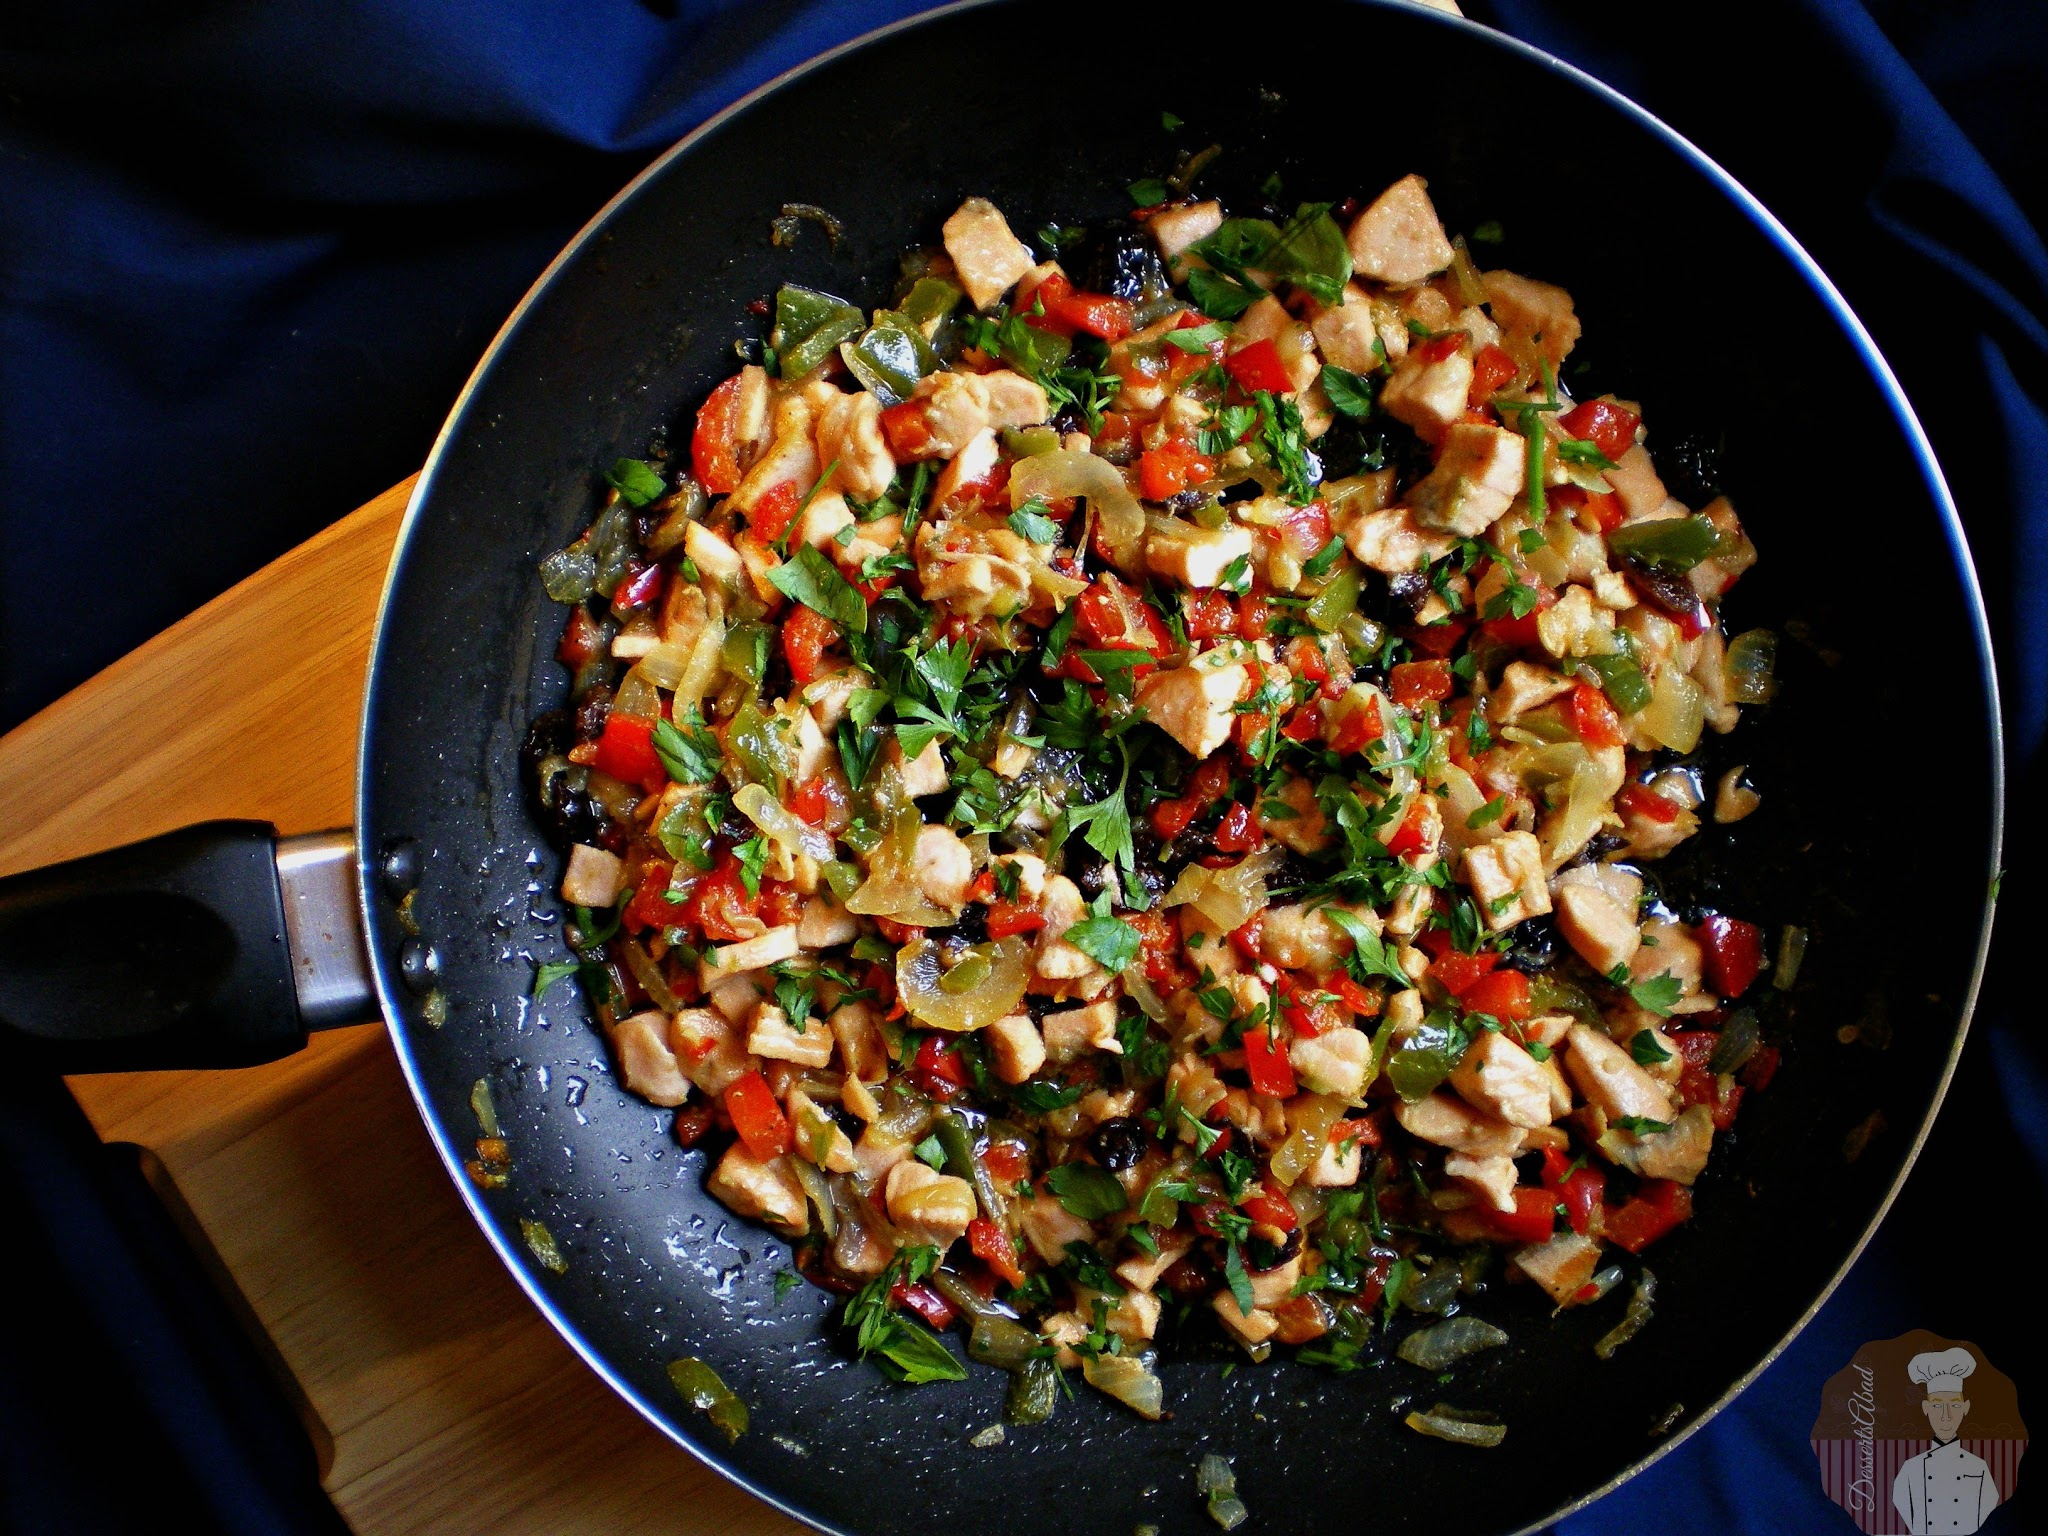 Calzone de salmon con verduras: Relleno